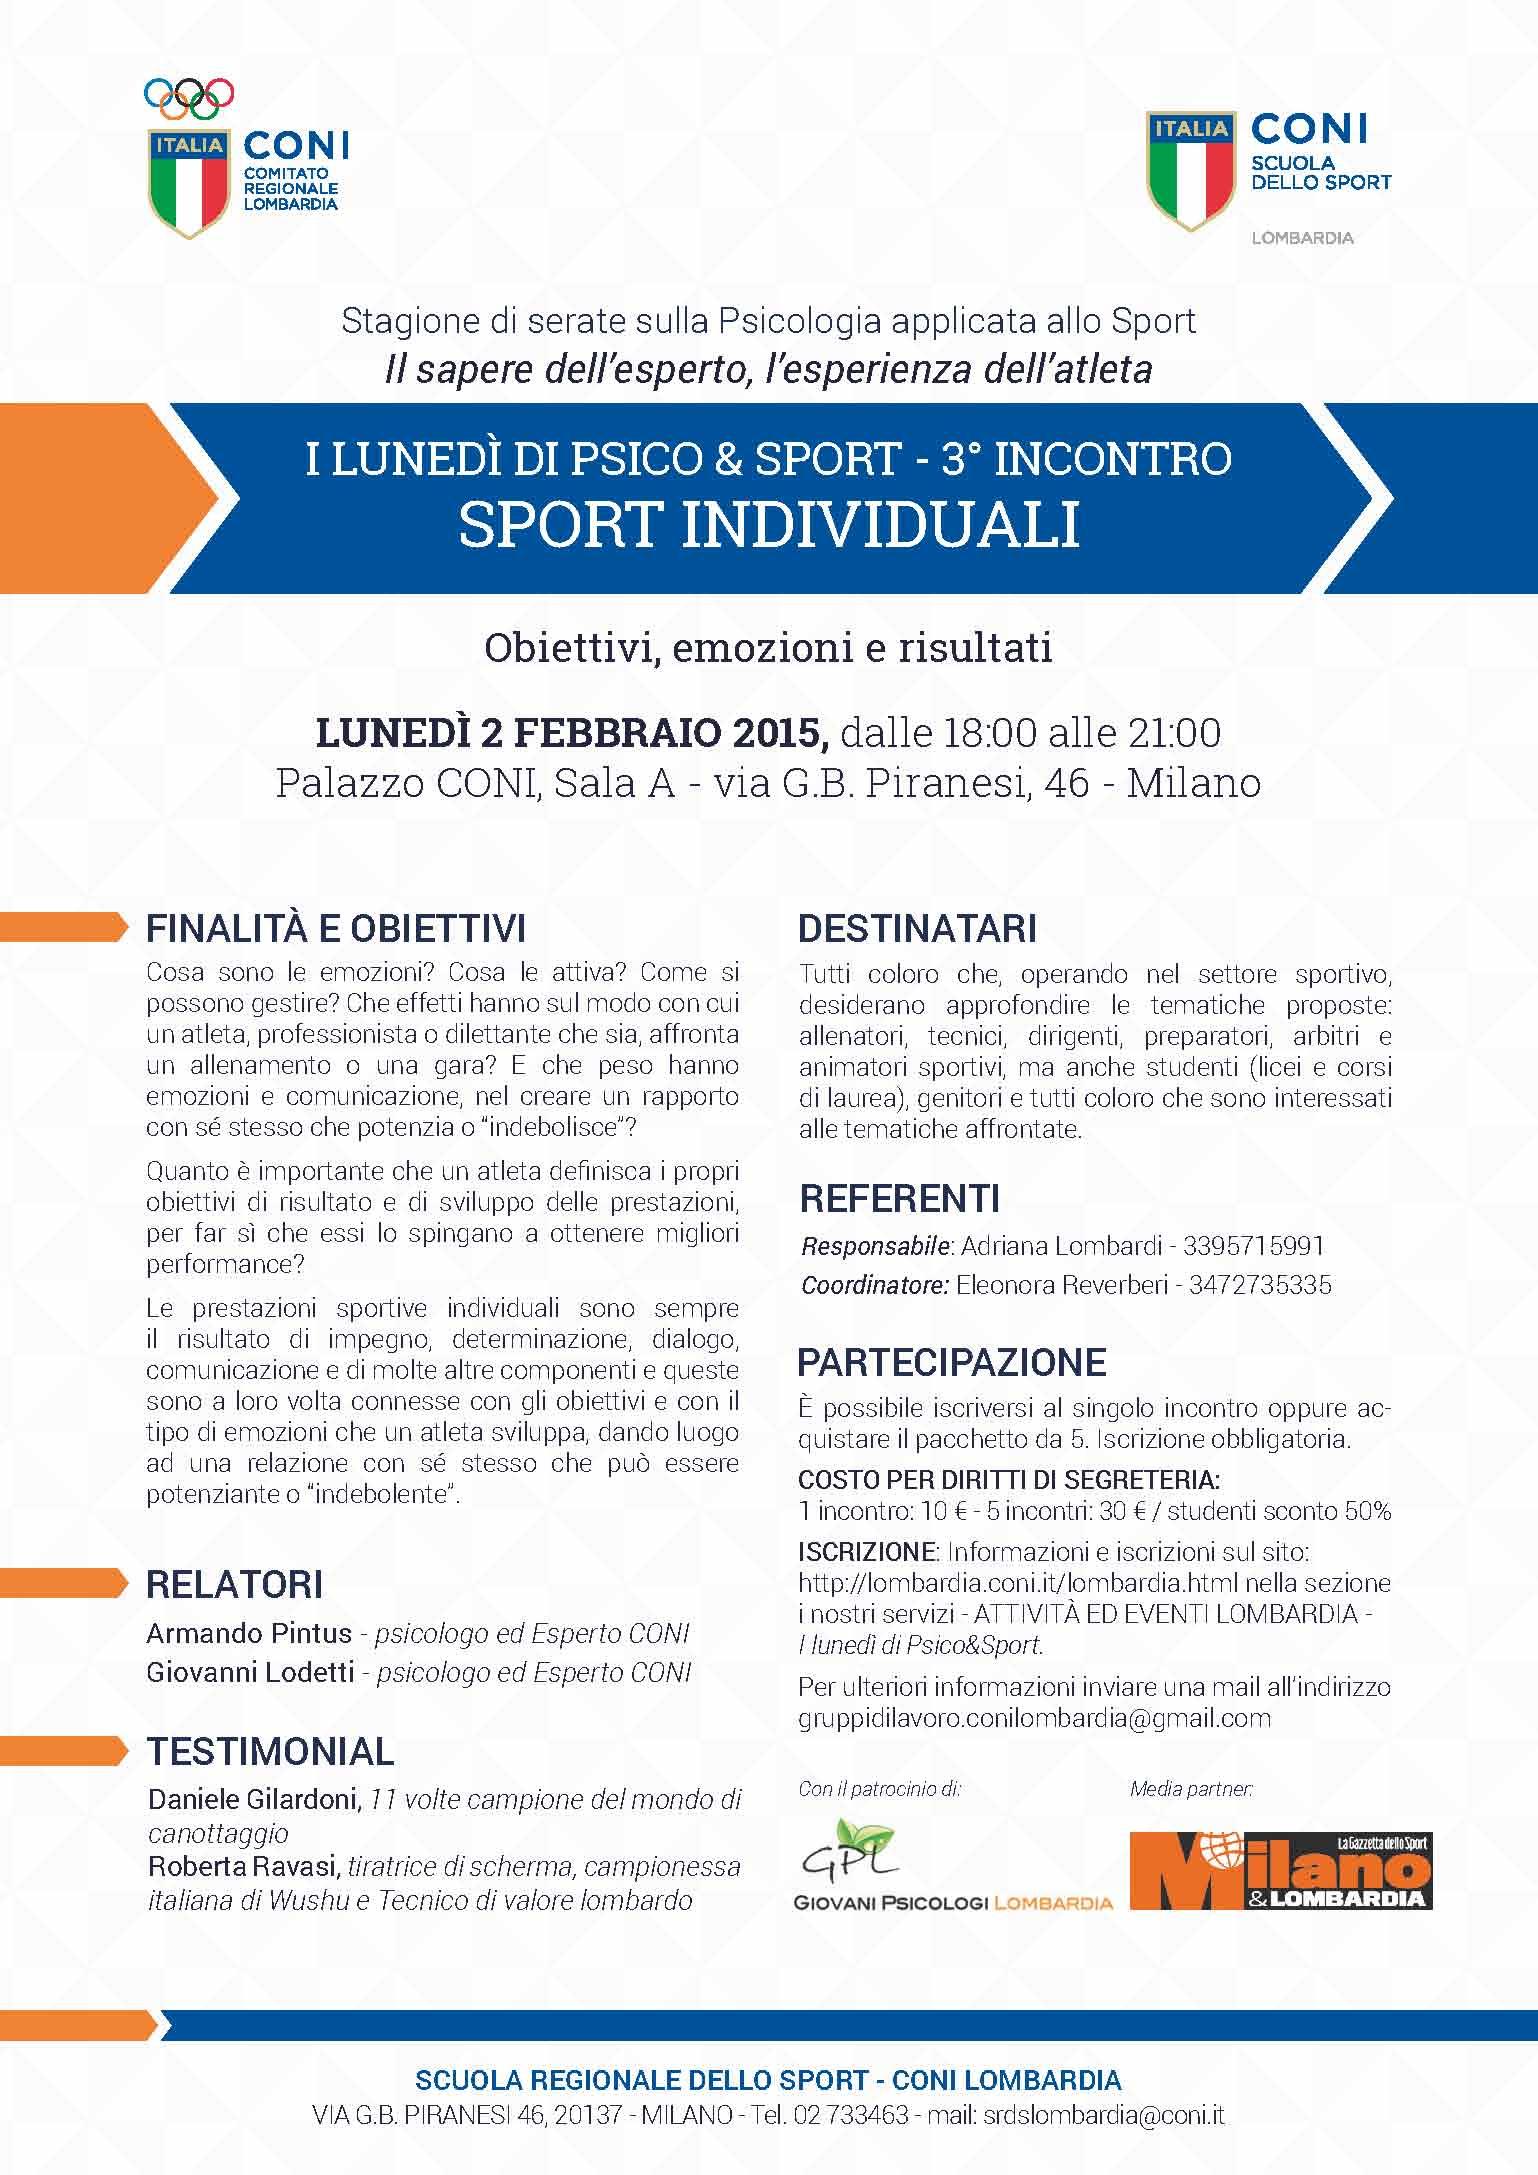 Conferenza su L'Importanza degli Obiettivi e delle Emozioni per ottenere i Risultati negli Sport Individuali –  Palazzo CONI Lombardia – 2 febbraio 2015